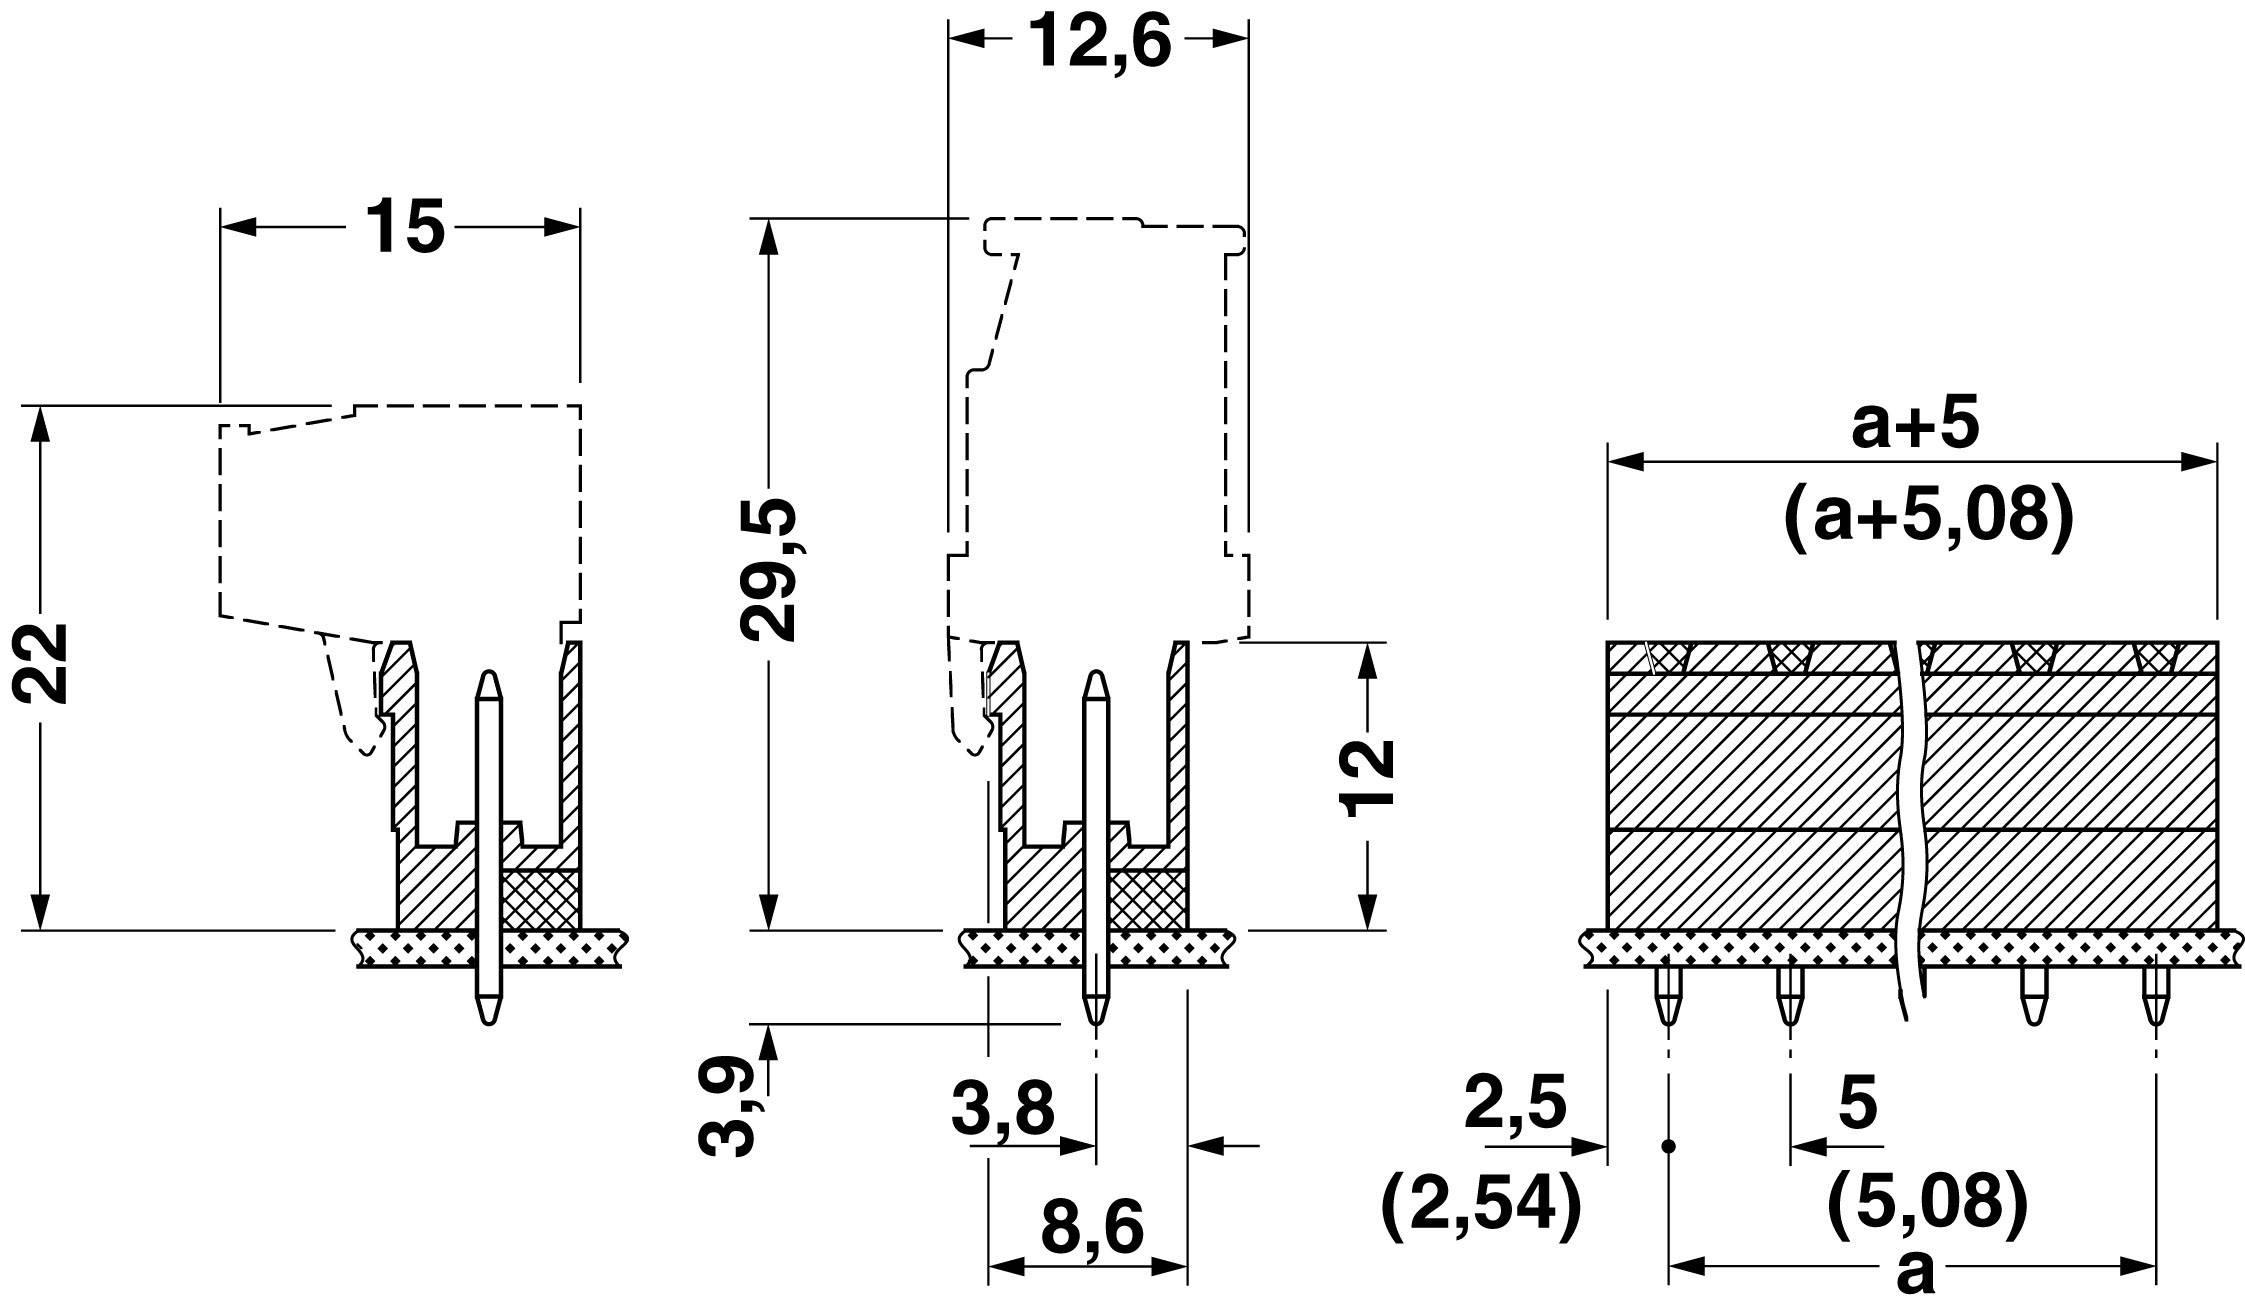 Svorkovnice 1řadá do DPS Phoenix Contact MSTBV 2,5/12-G-5,08 (1758115), 12pól., zelená